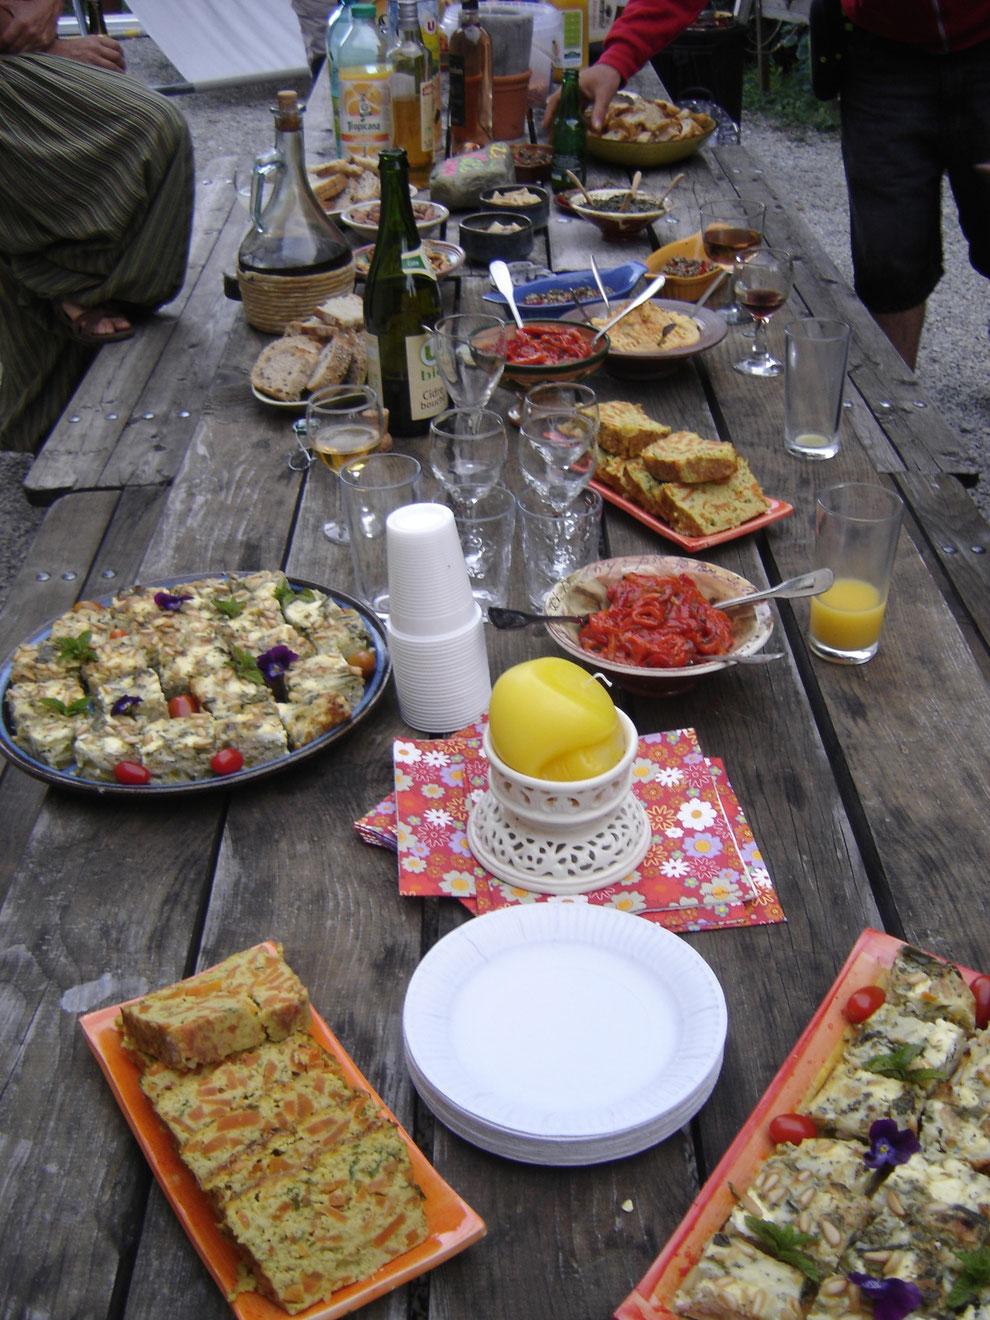 C'est superbe, plein d'amour, il y en a partout sur la table, ça régale les yeux, on a envie de tout manger: du houmous, des noix de cajou grillées à la sauce soja, des terrines végétariennes, des quiches...